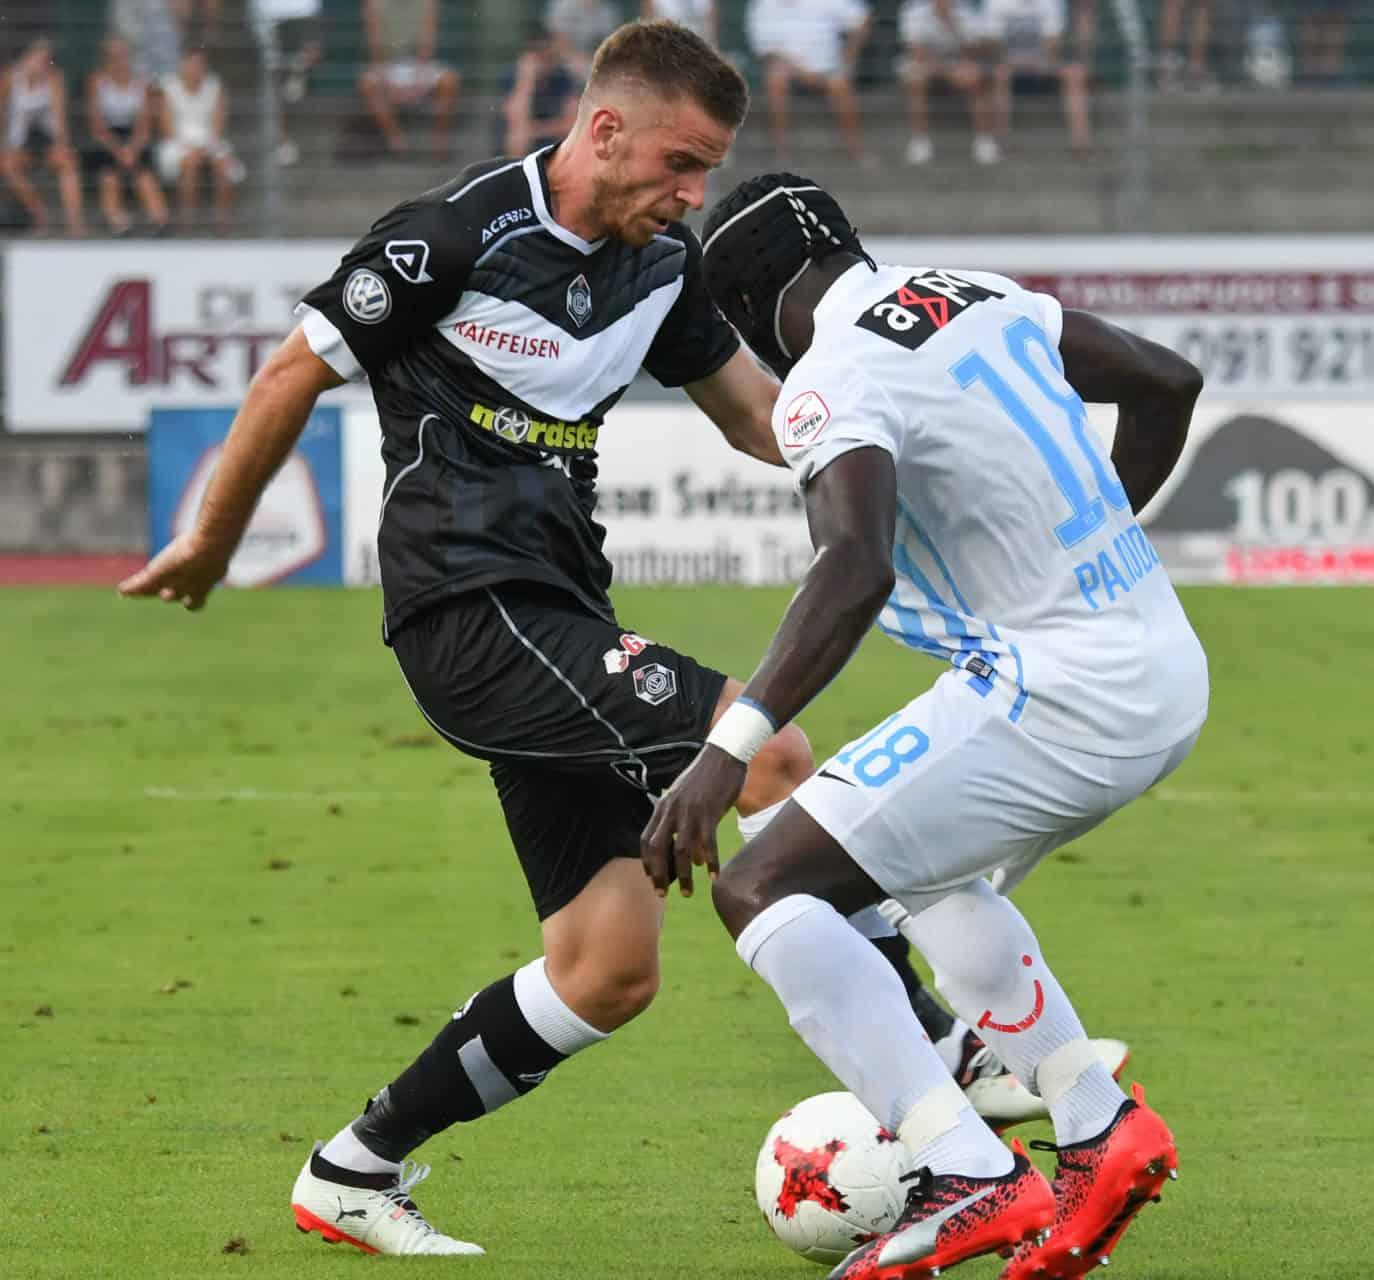 Zurigo-Lugano: risultato finale 3-0